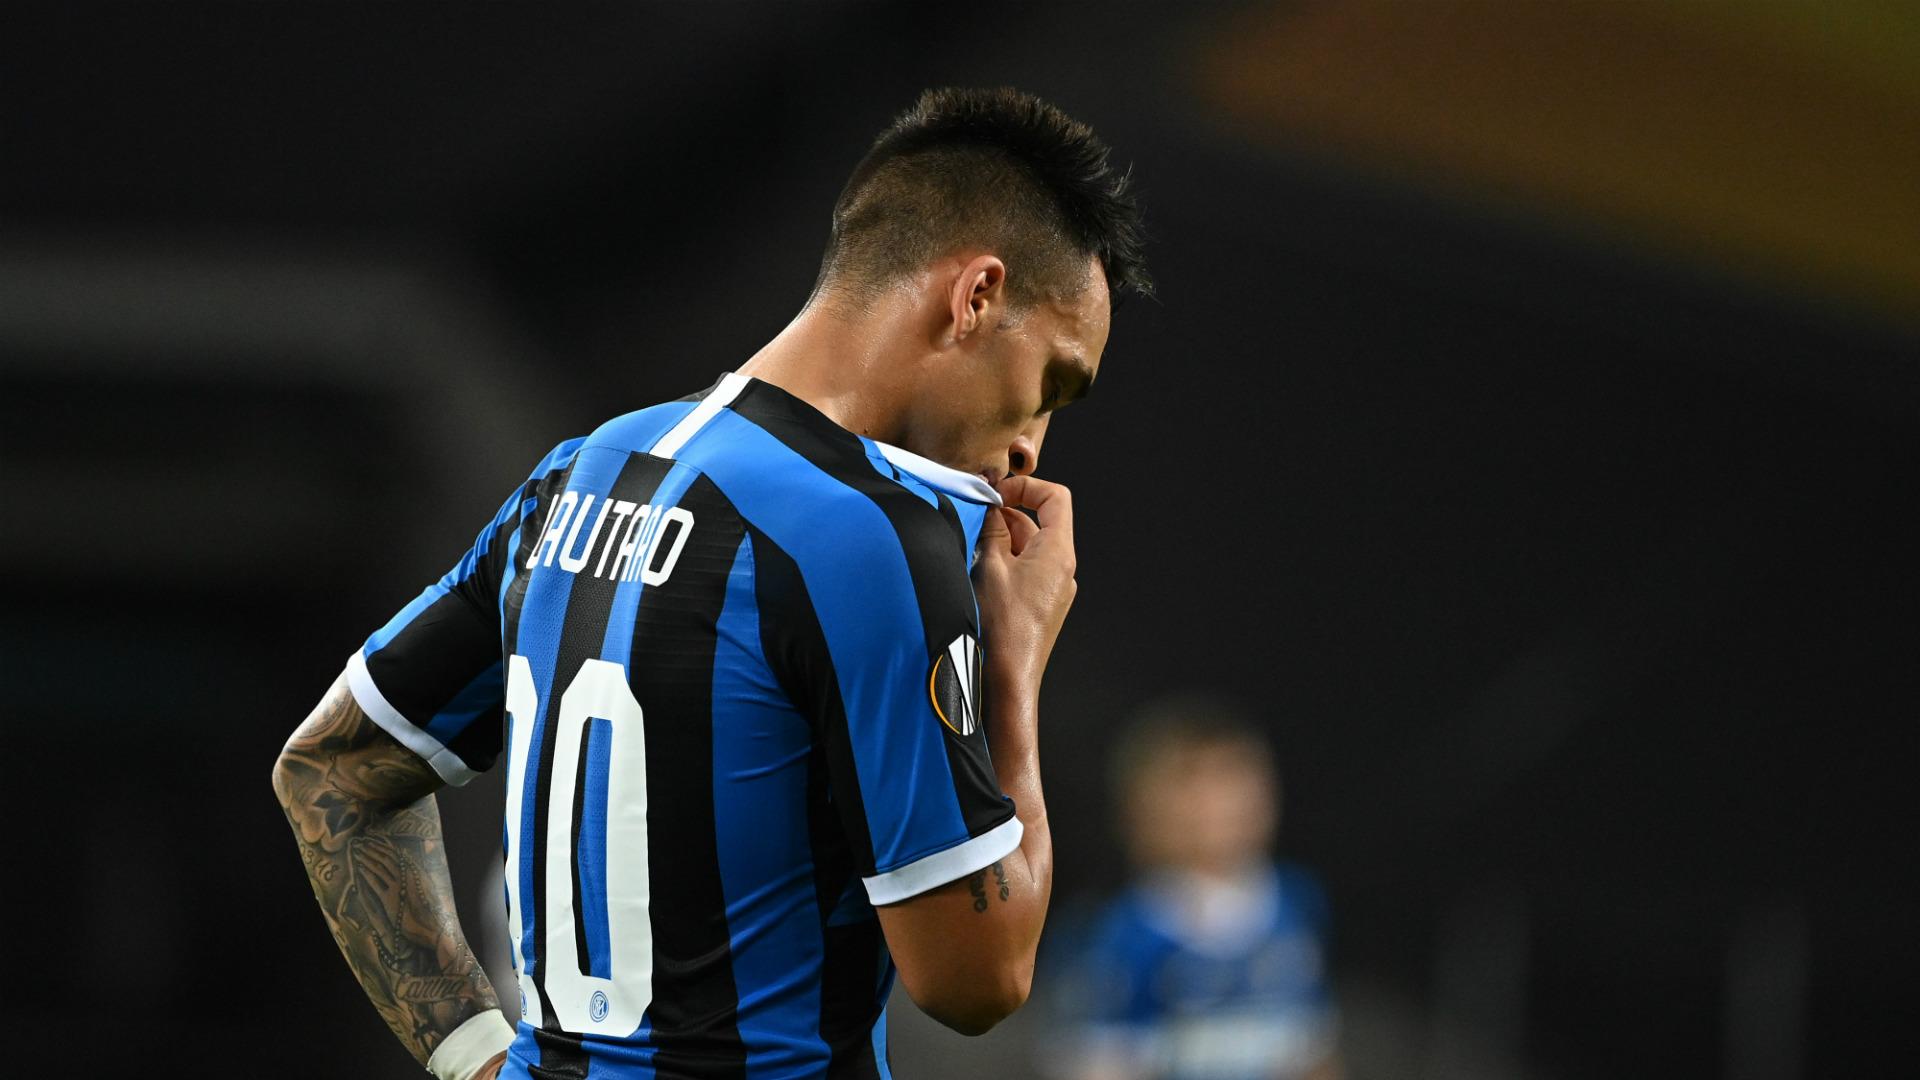 Mercato - Lautaro Martinez annoncé d'accord avec le Real Madrid, qui dément